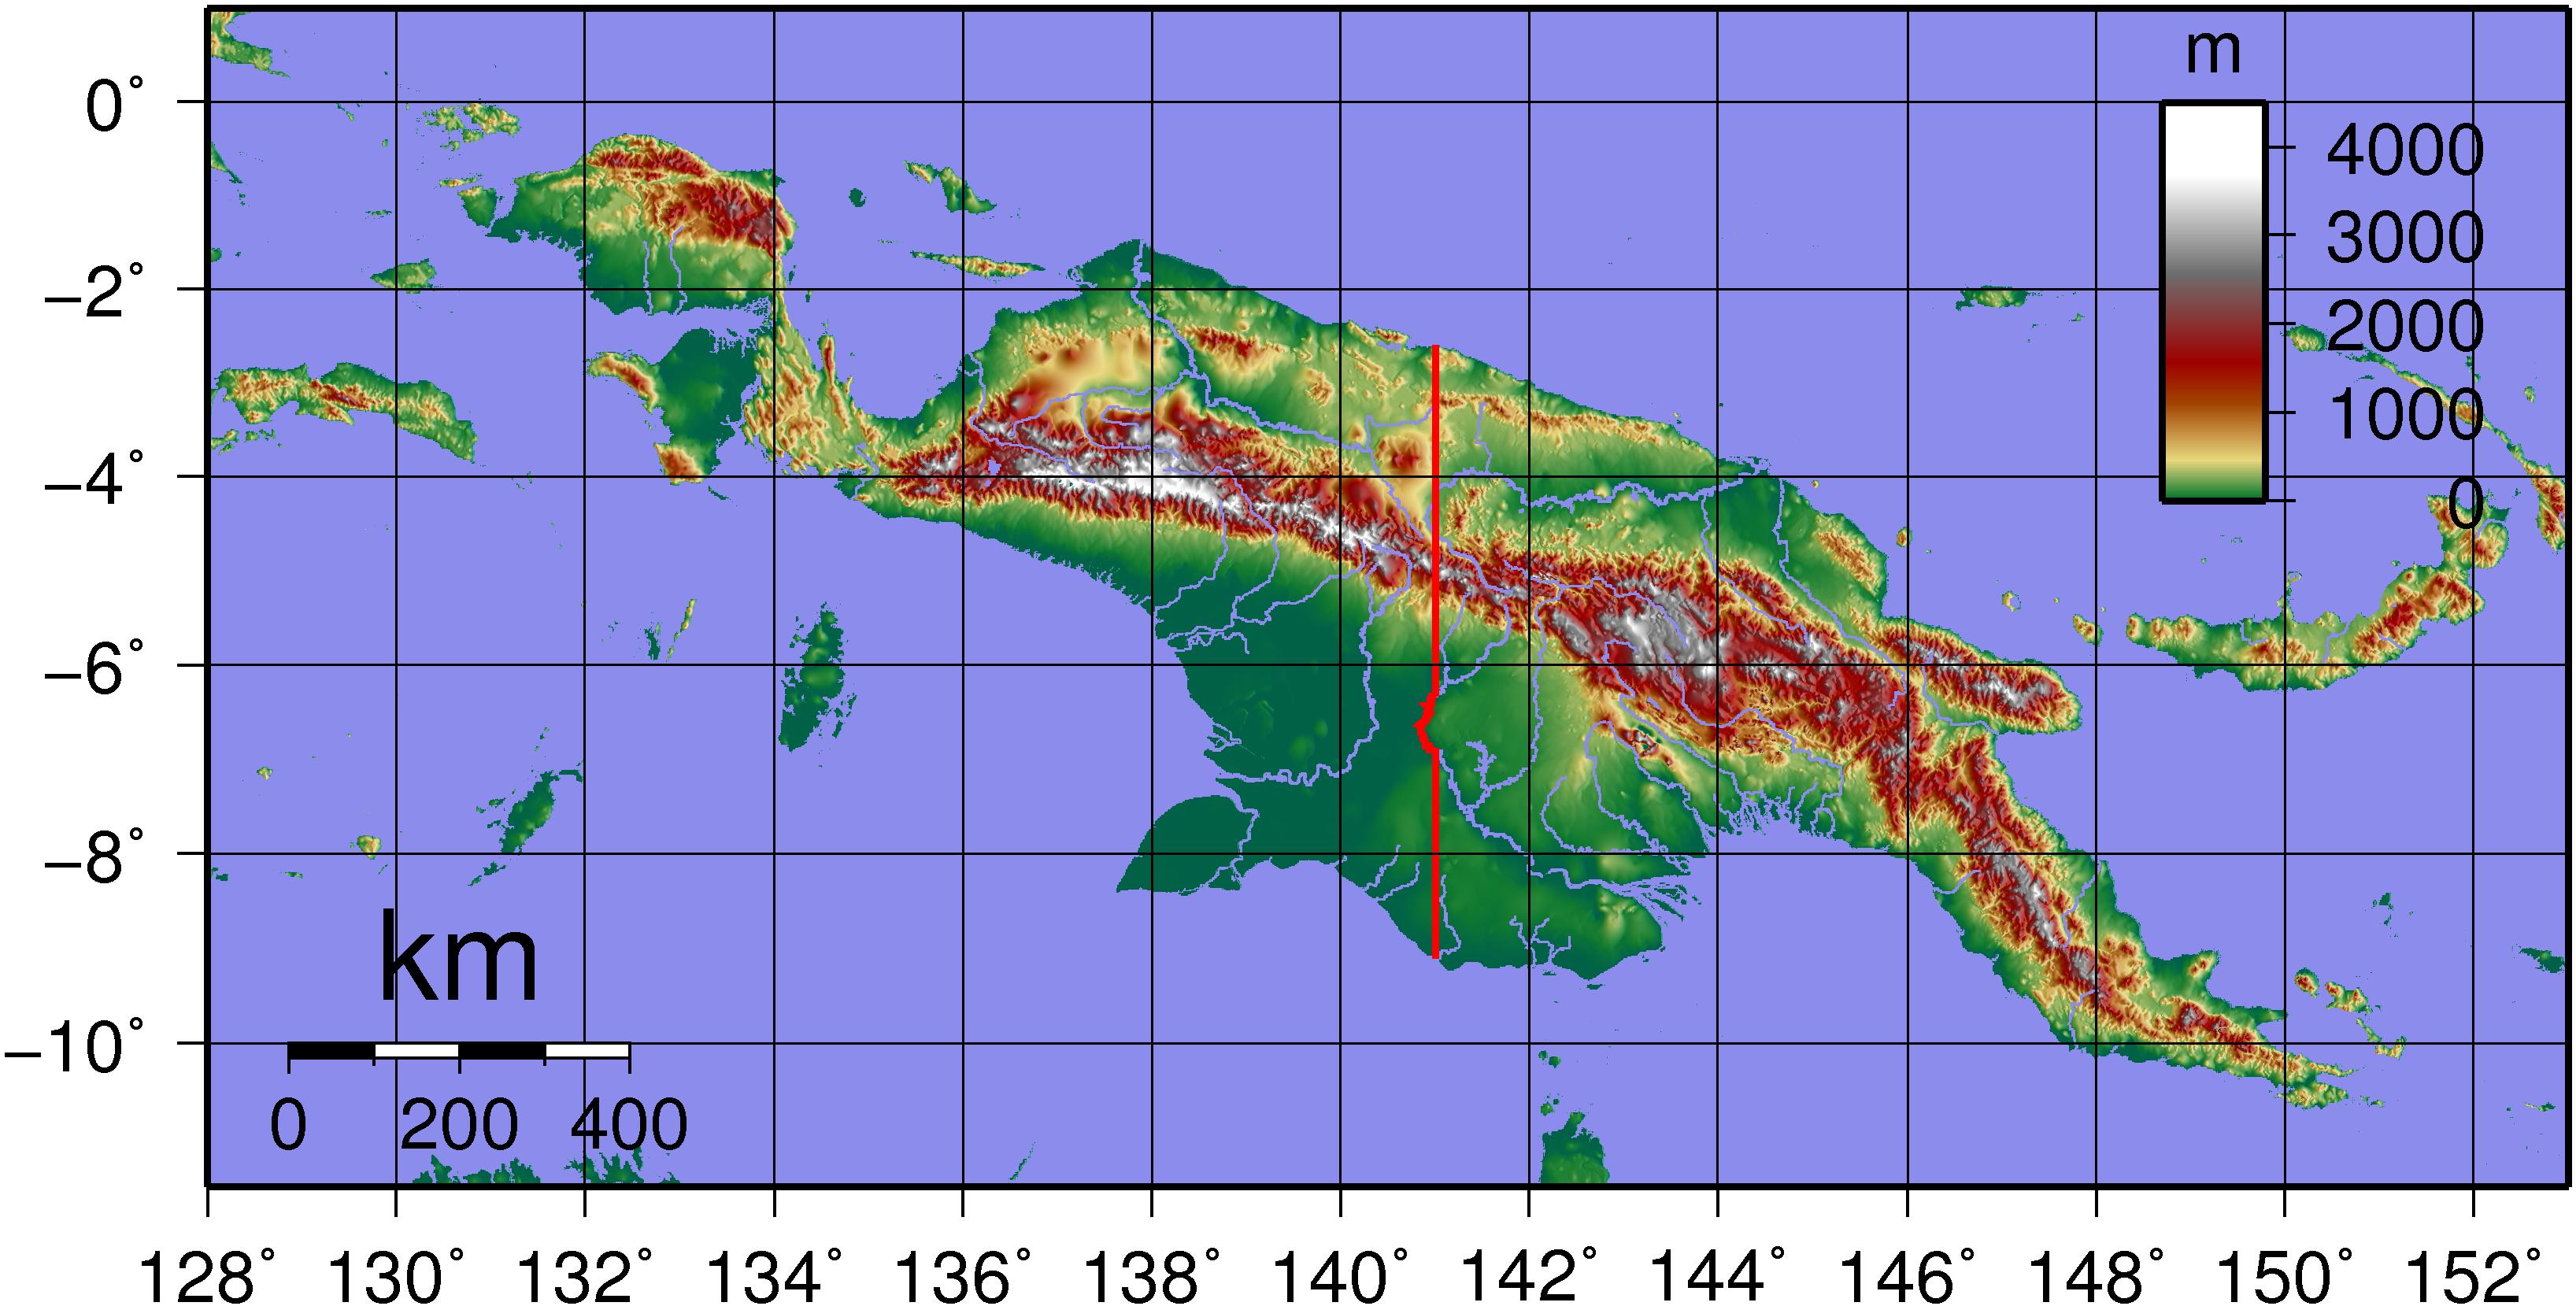 ニューギニア島の地形図